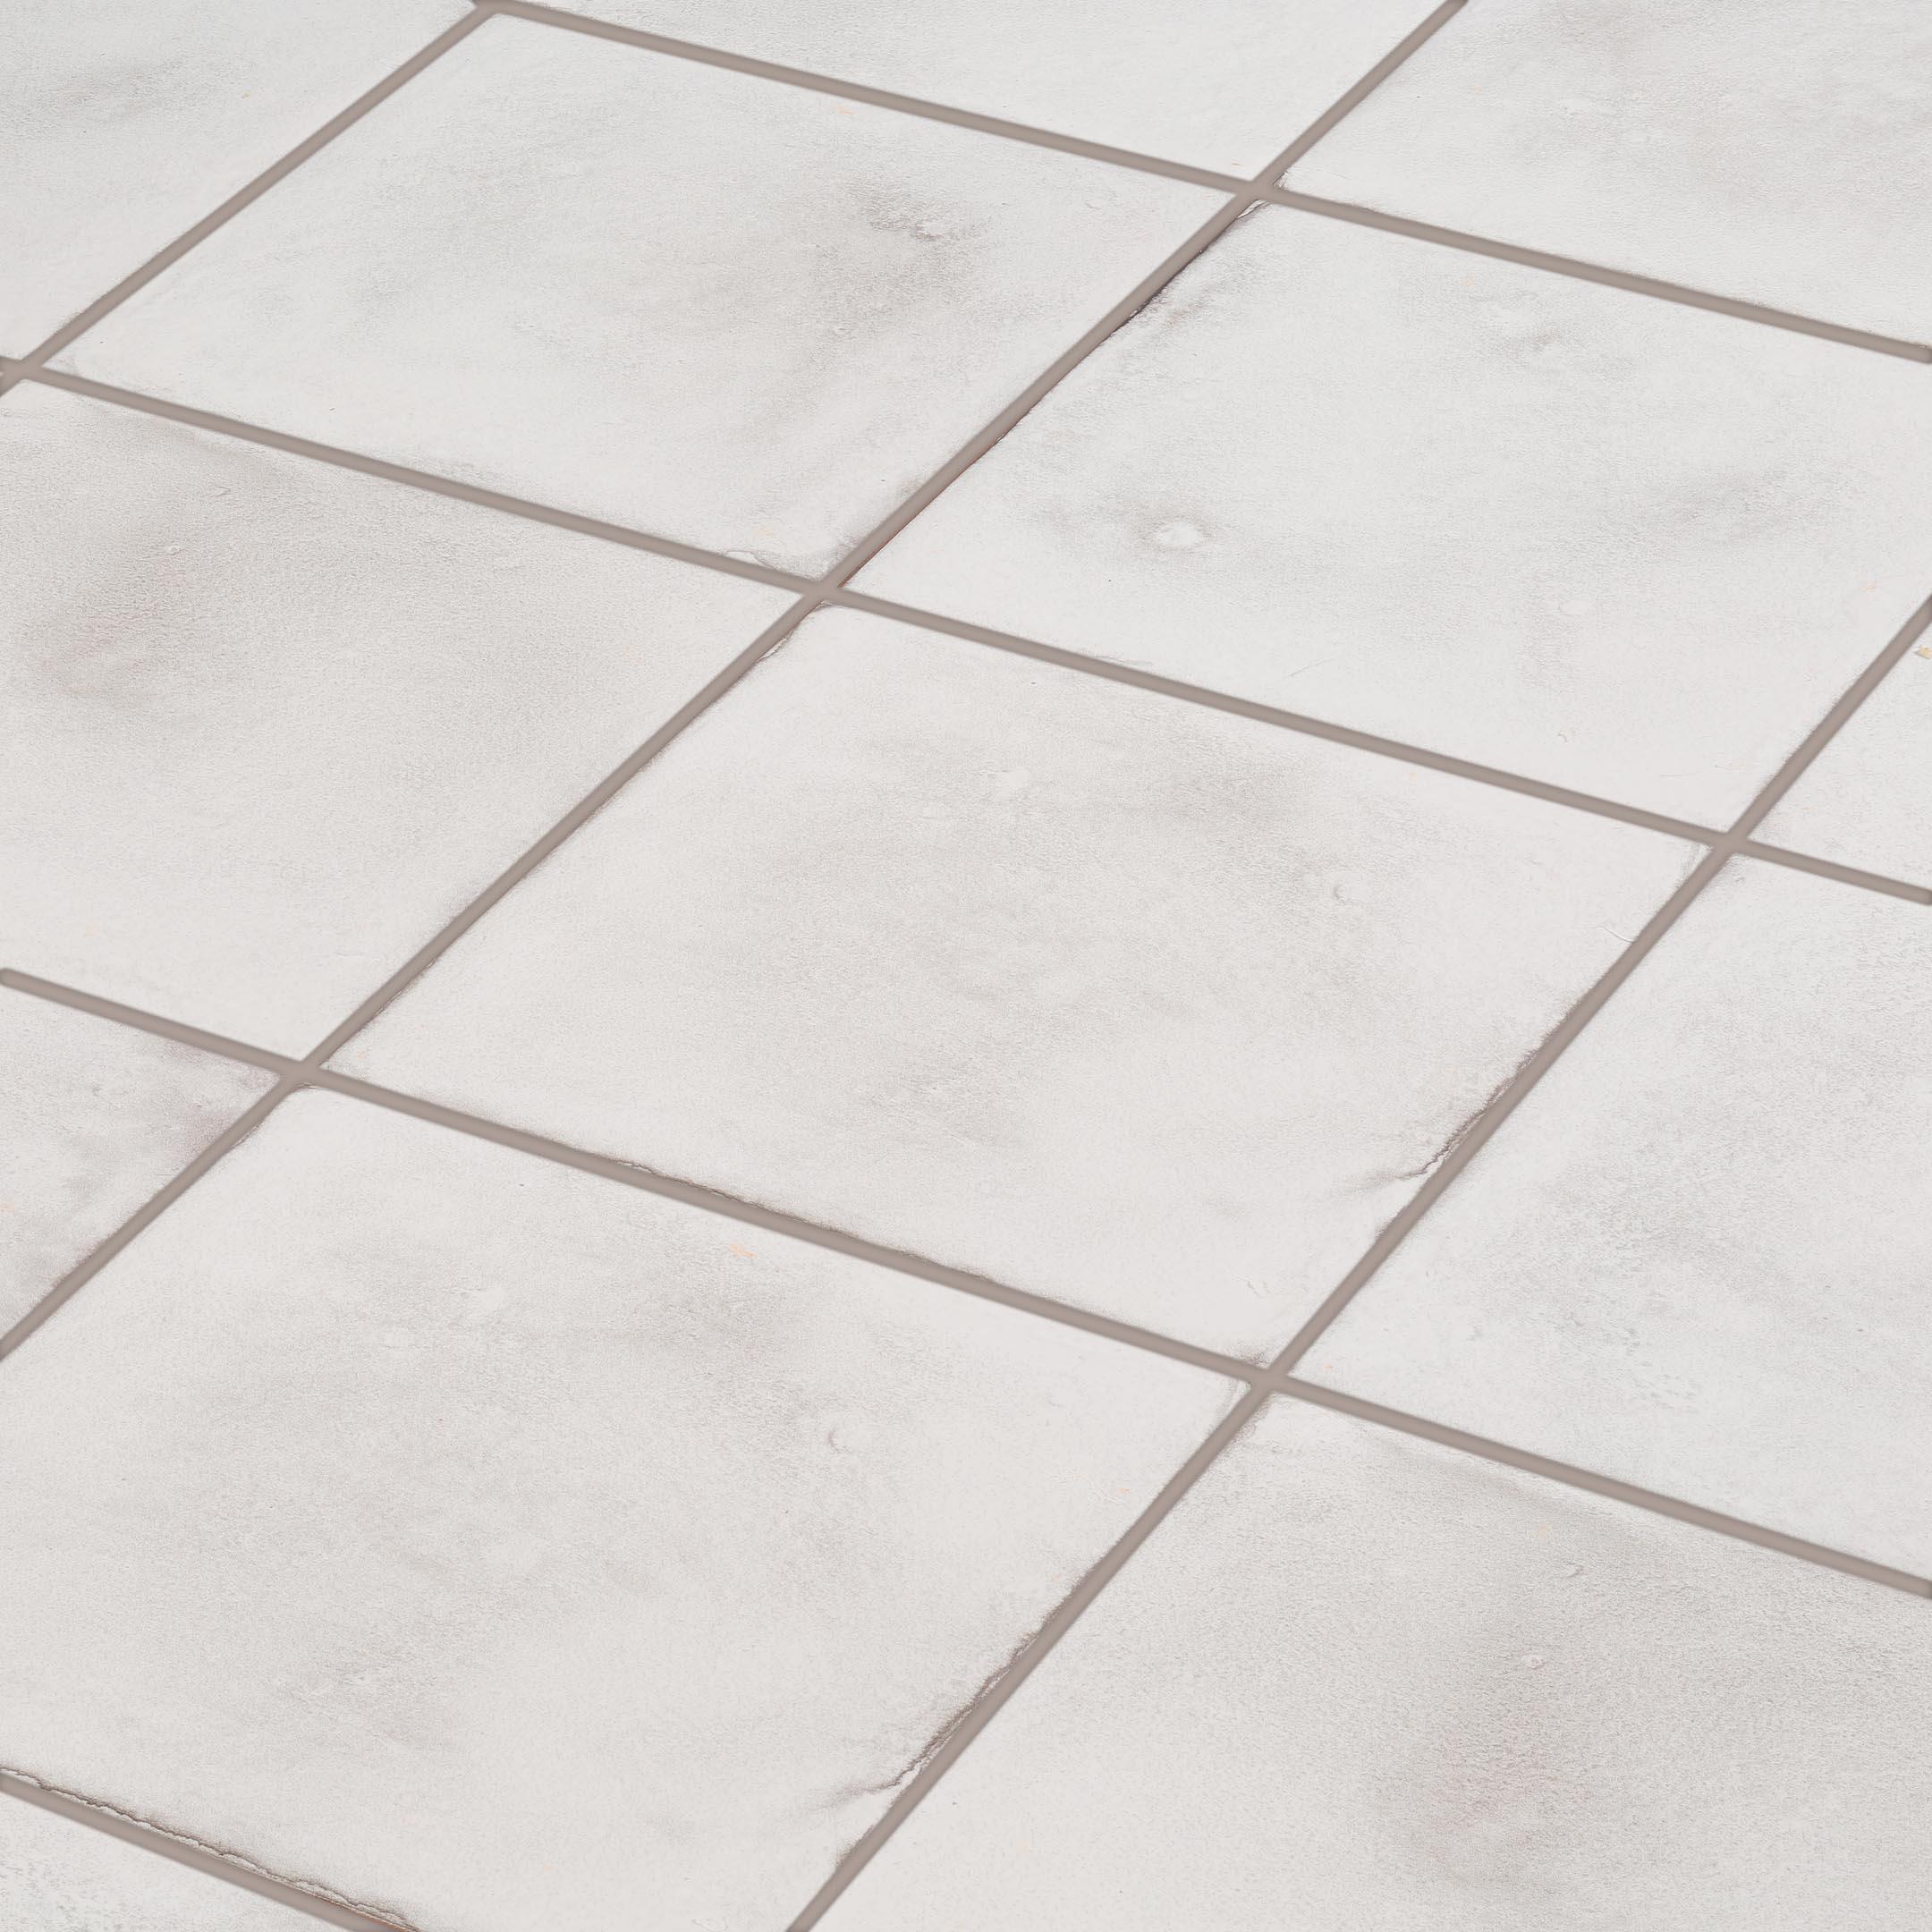 Плитка облицовочная Керамин Гранада 1С серый 200x200x7 мм (26 шт.=1,04 кв.м) плитка облицовочная керамин гранада 1с серый 200x200x7 мм 26 шт 1 04 кв м